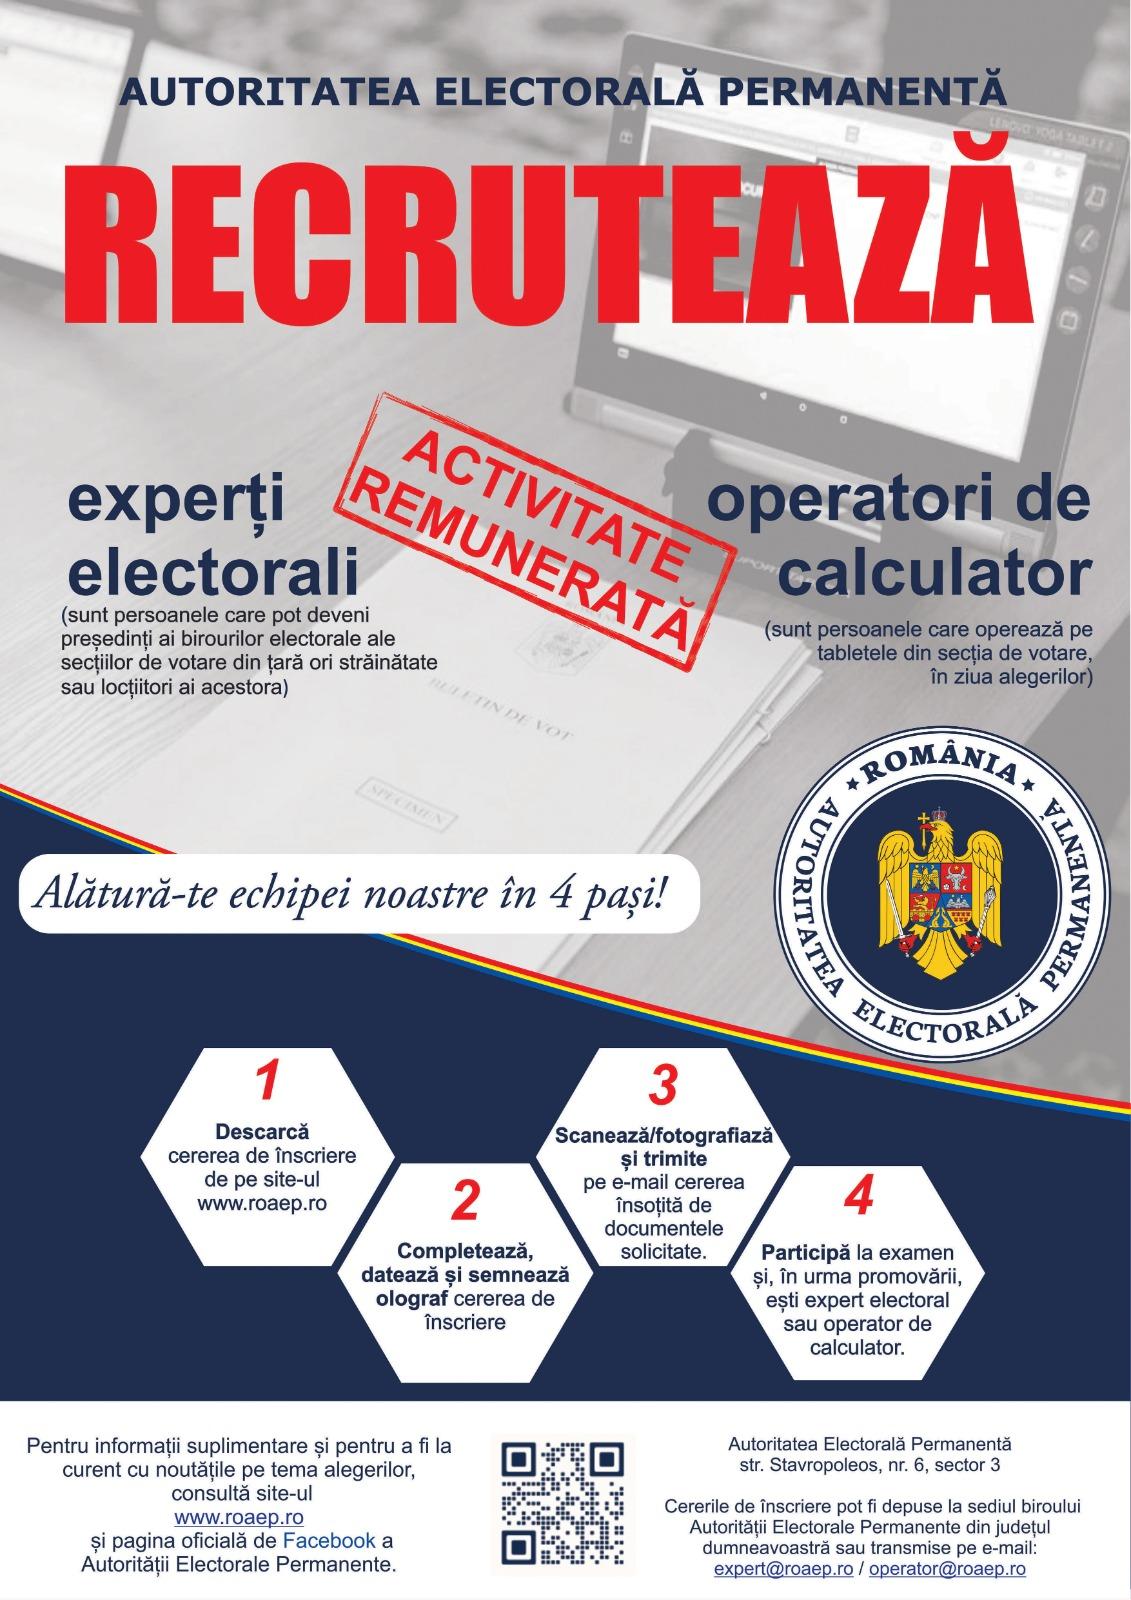 Vrei să devii expert electoral sau operator de calculator?